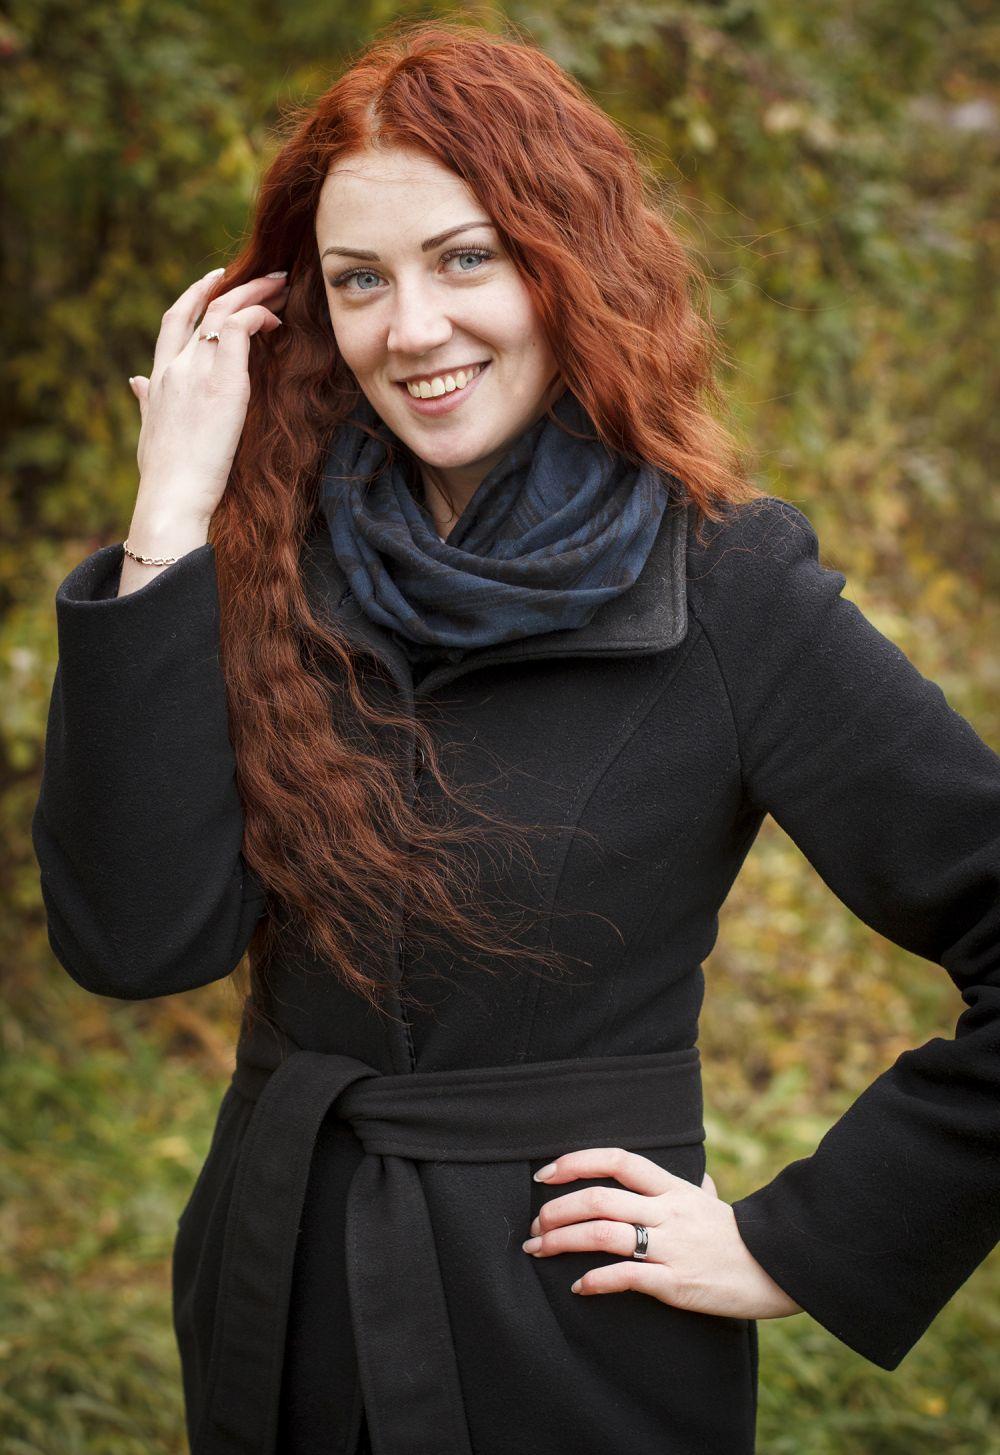 Думбрава Валерия, 23 года, АО «Лепсе»